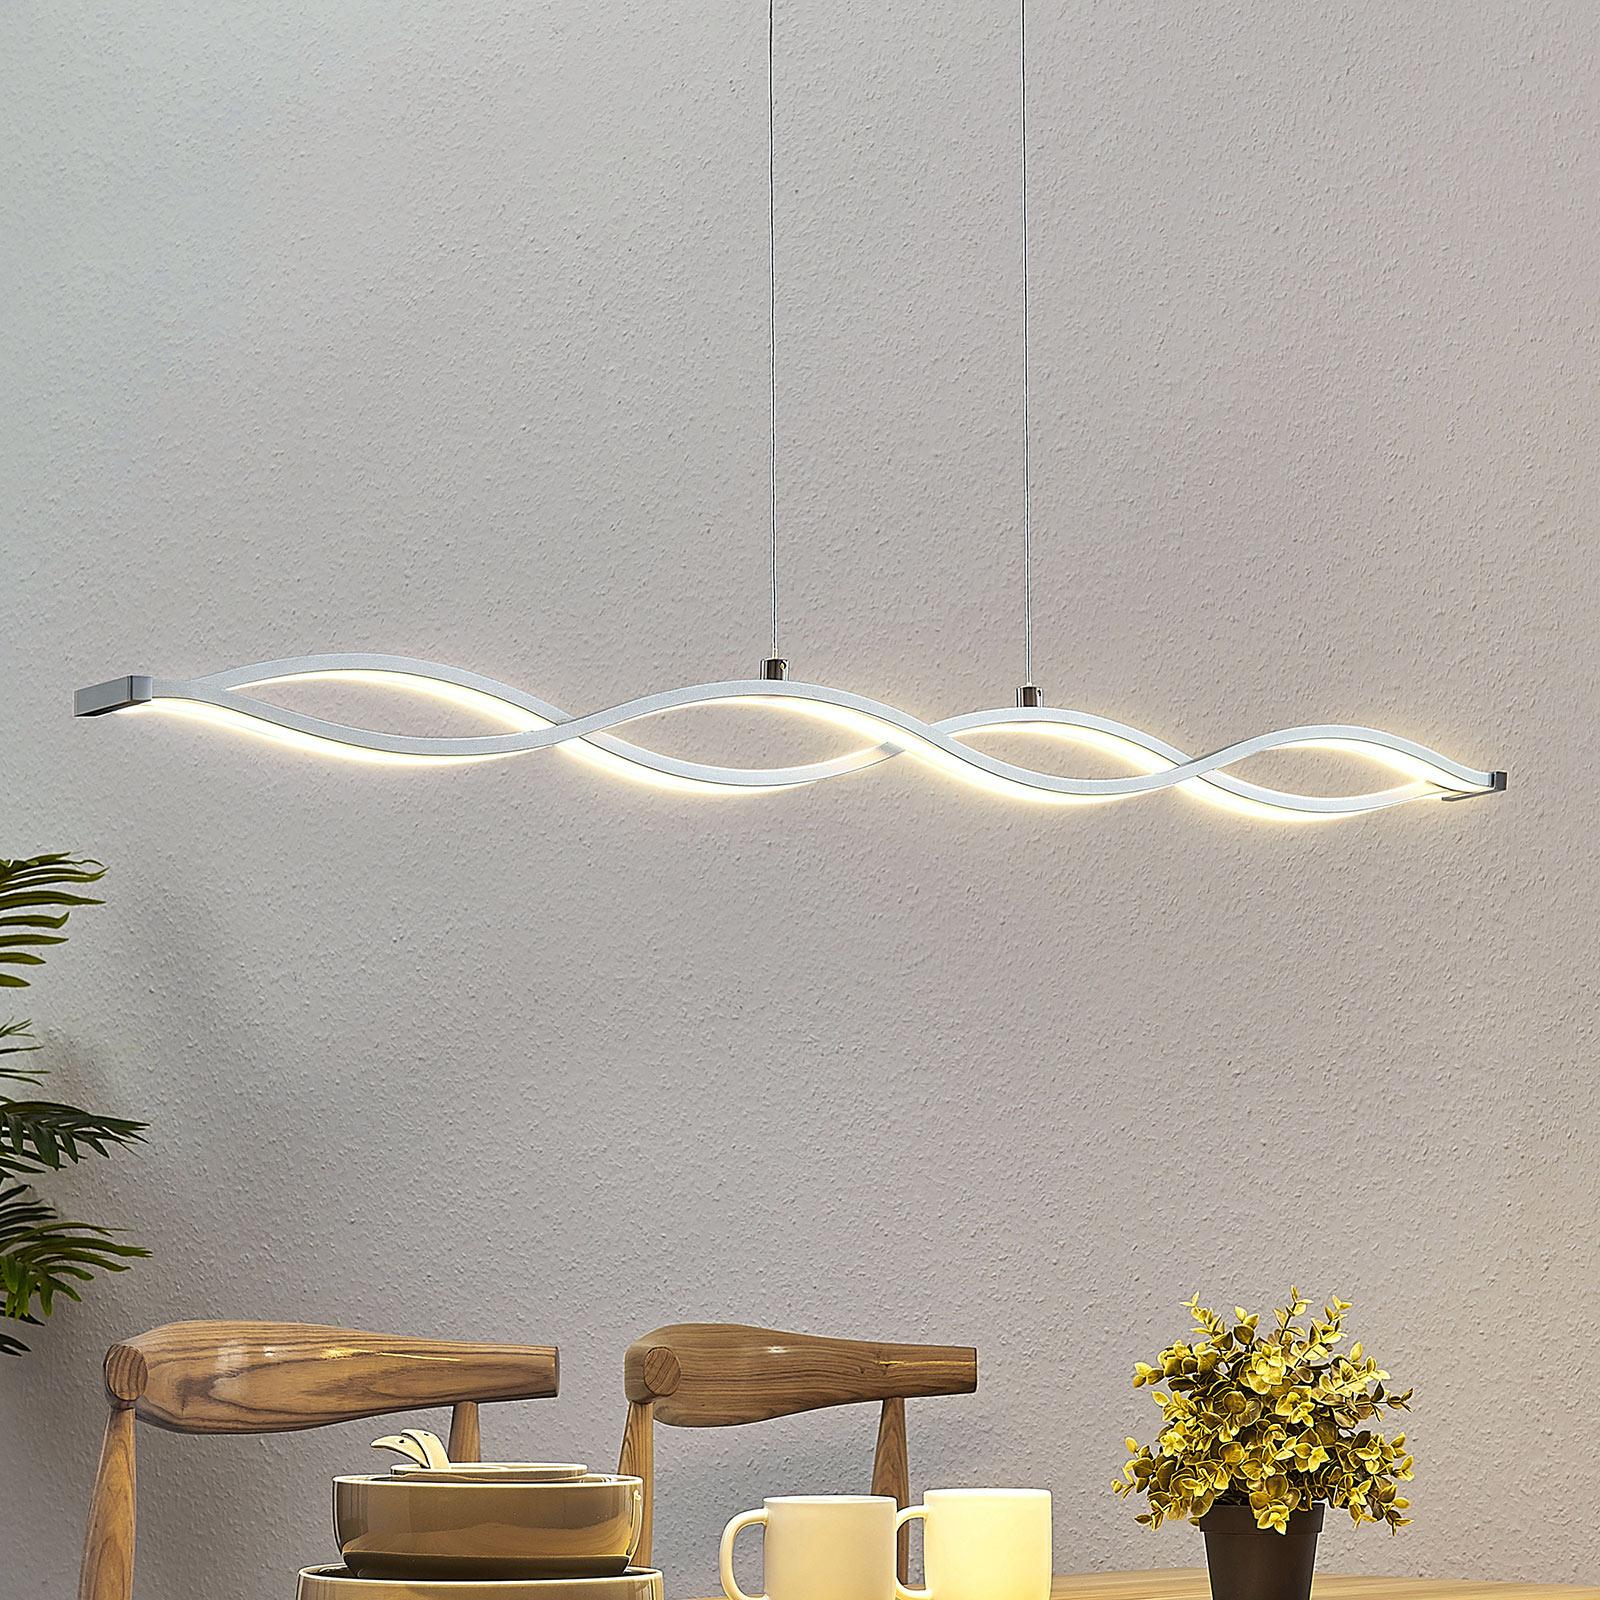 Lampa wisząca LED belka Roan, o kształcie fali